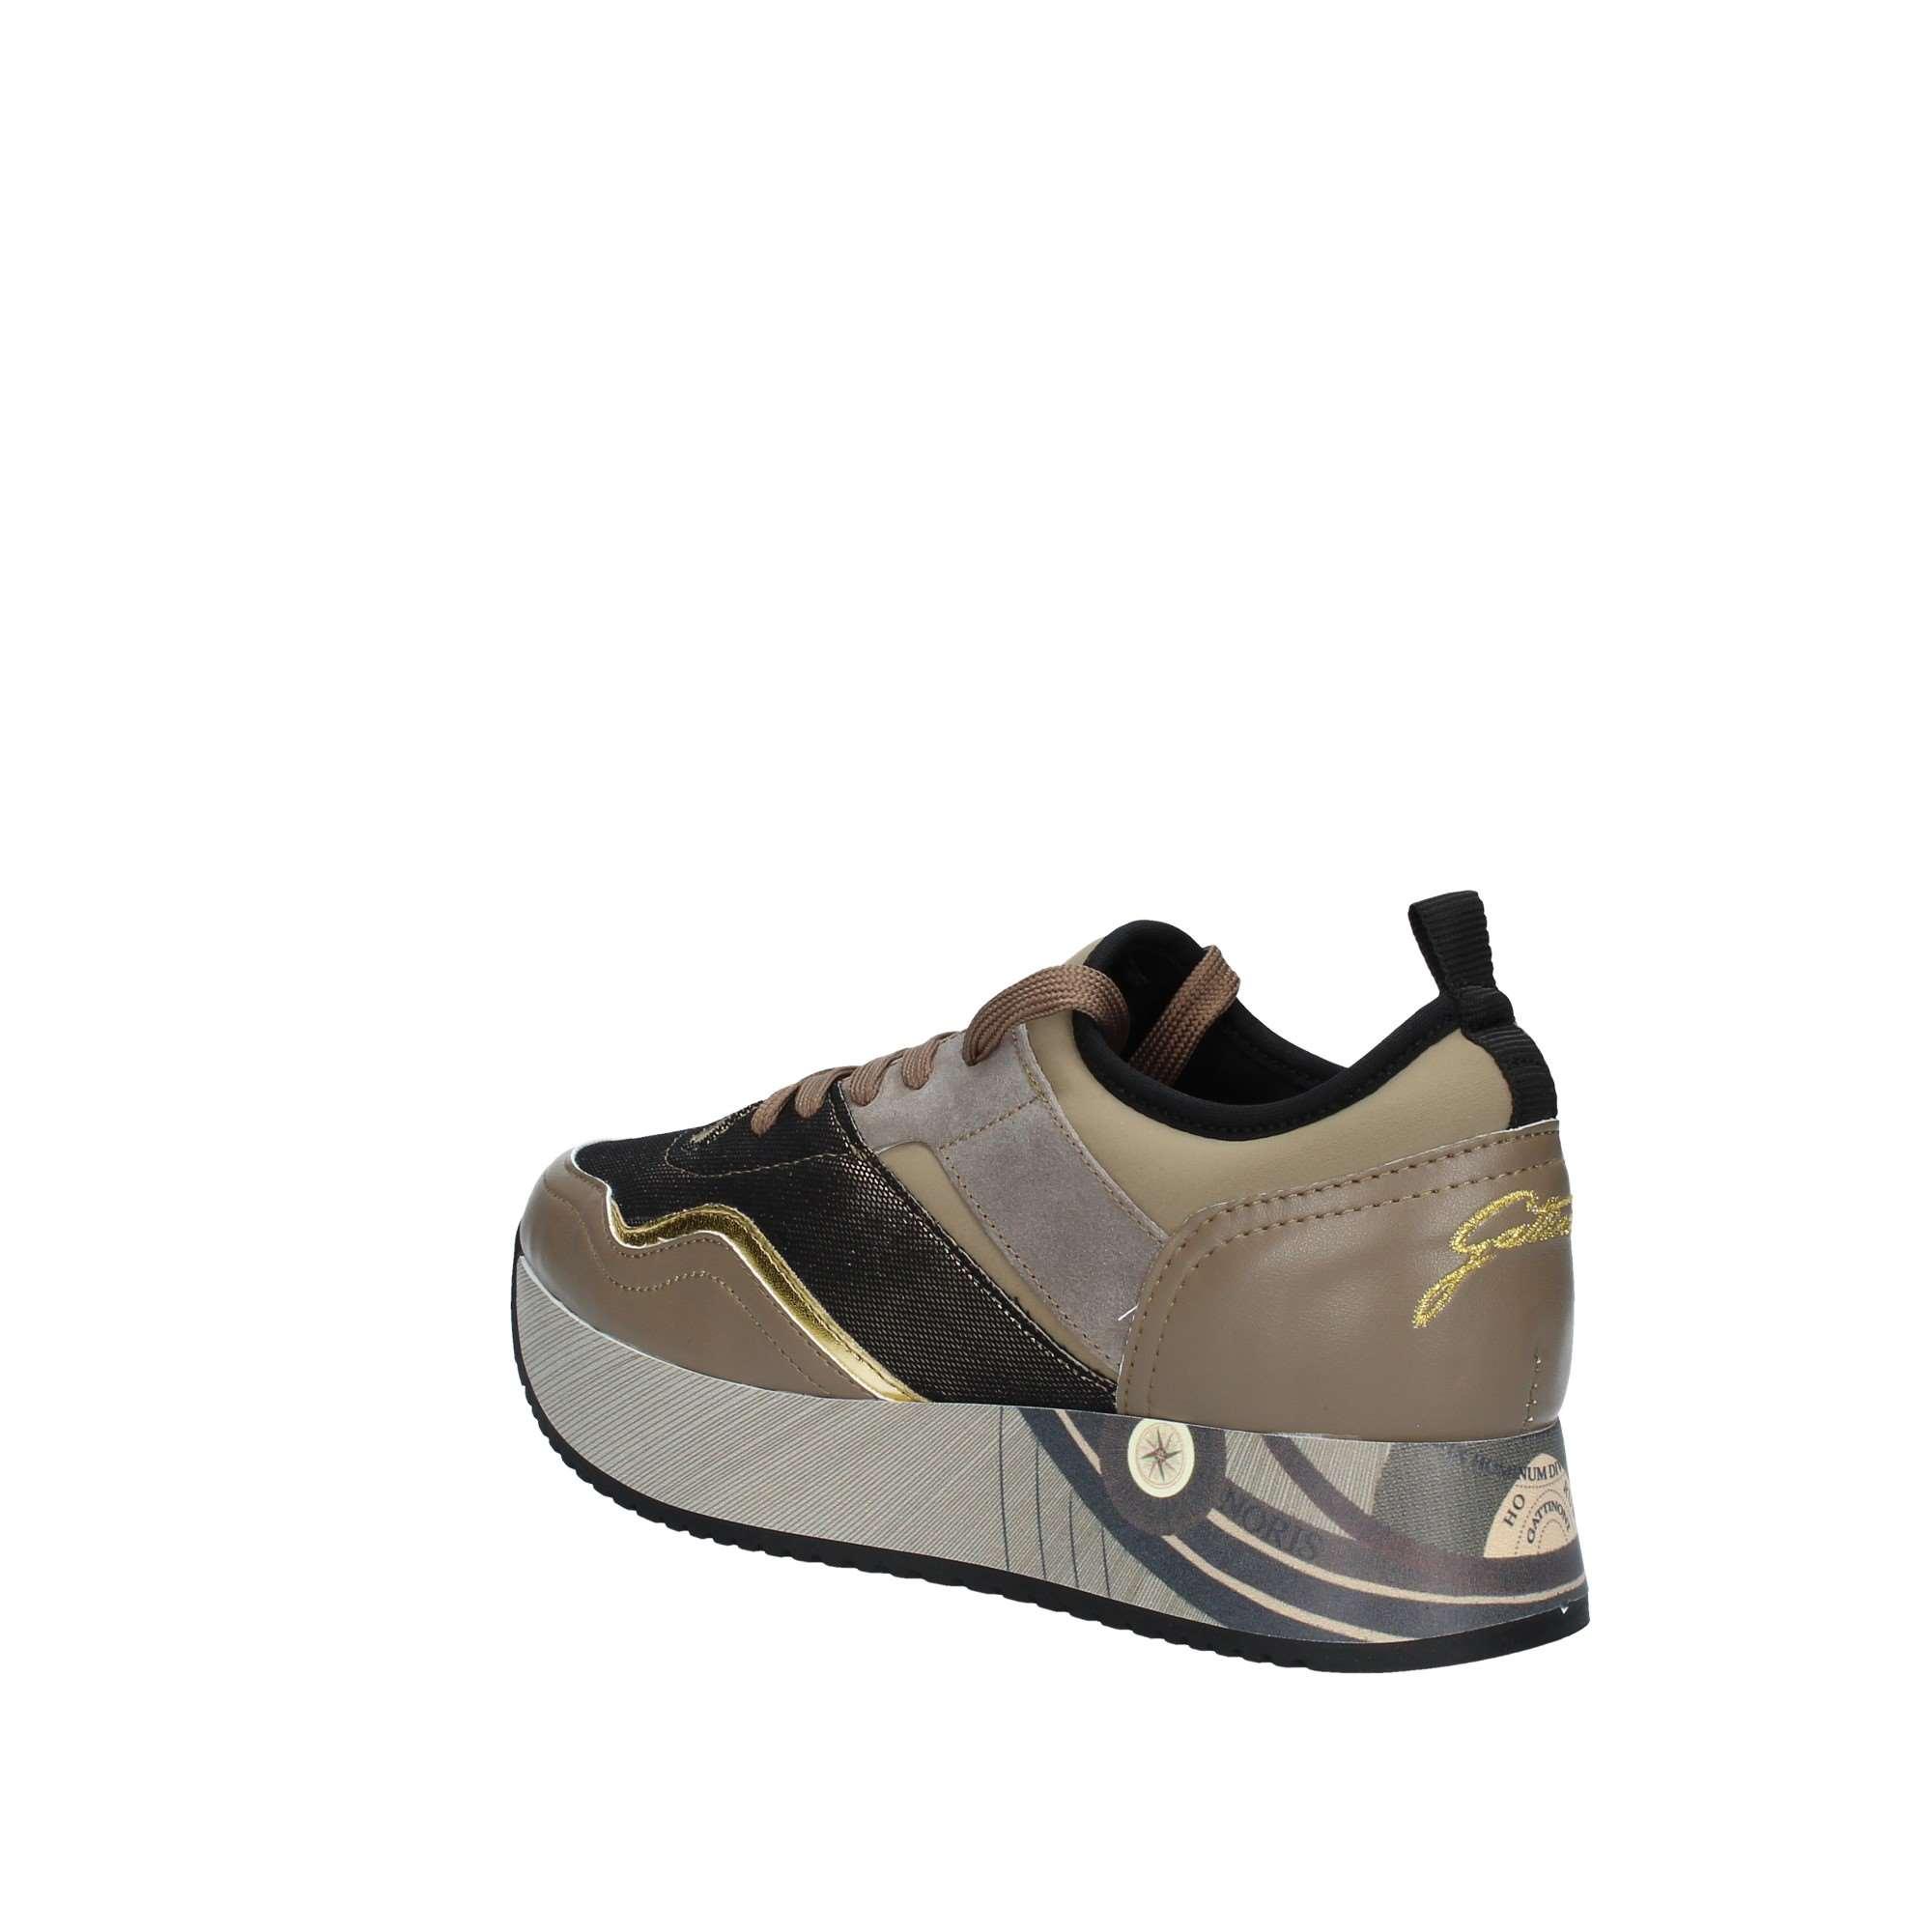 Gattinoni Cuir Hiver Femme Baskets Daim Taupe Pigma6122 Automne rnrYwSqR